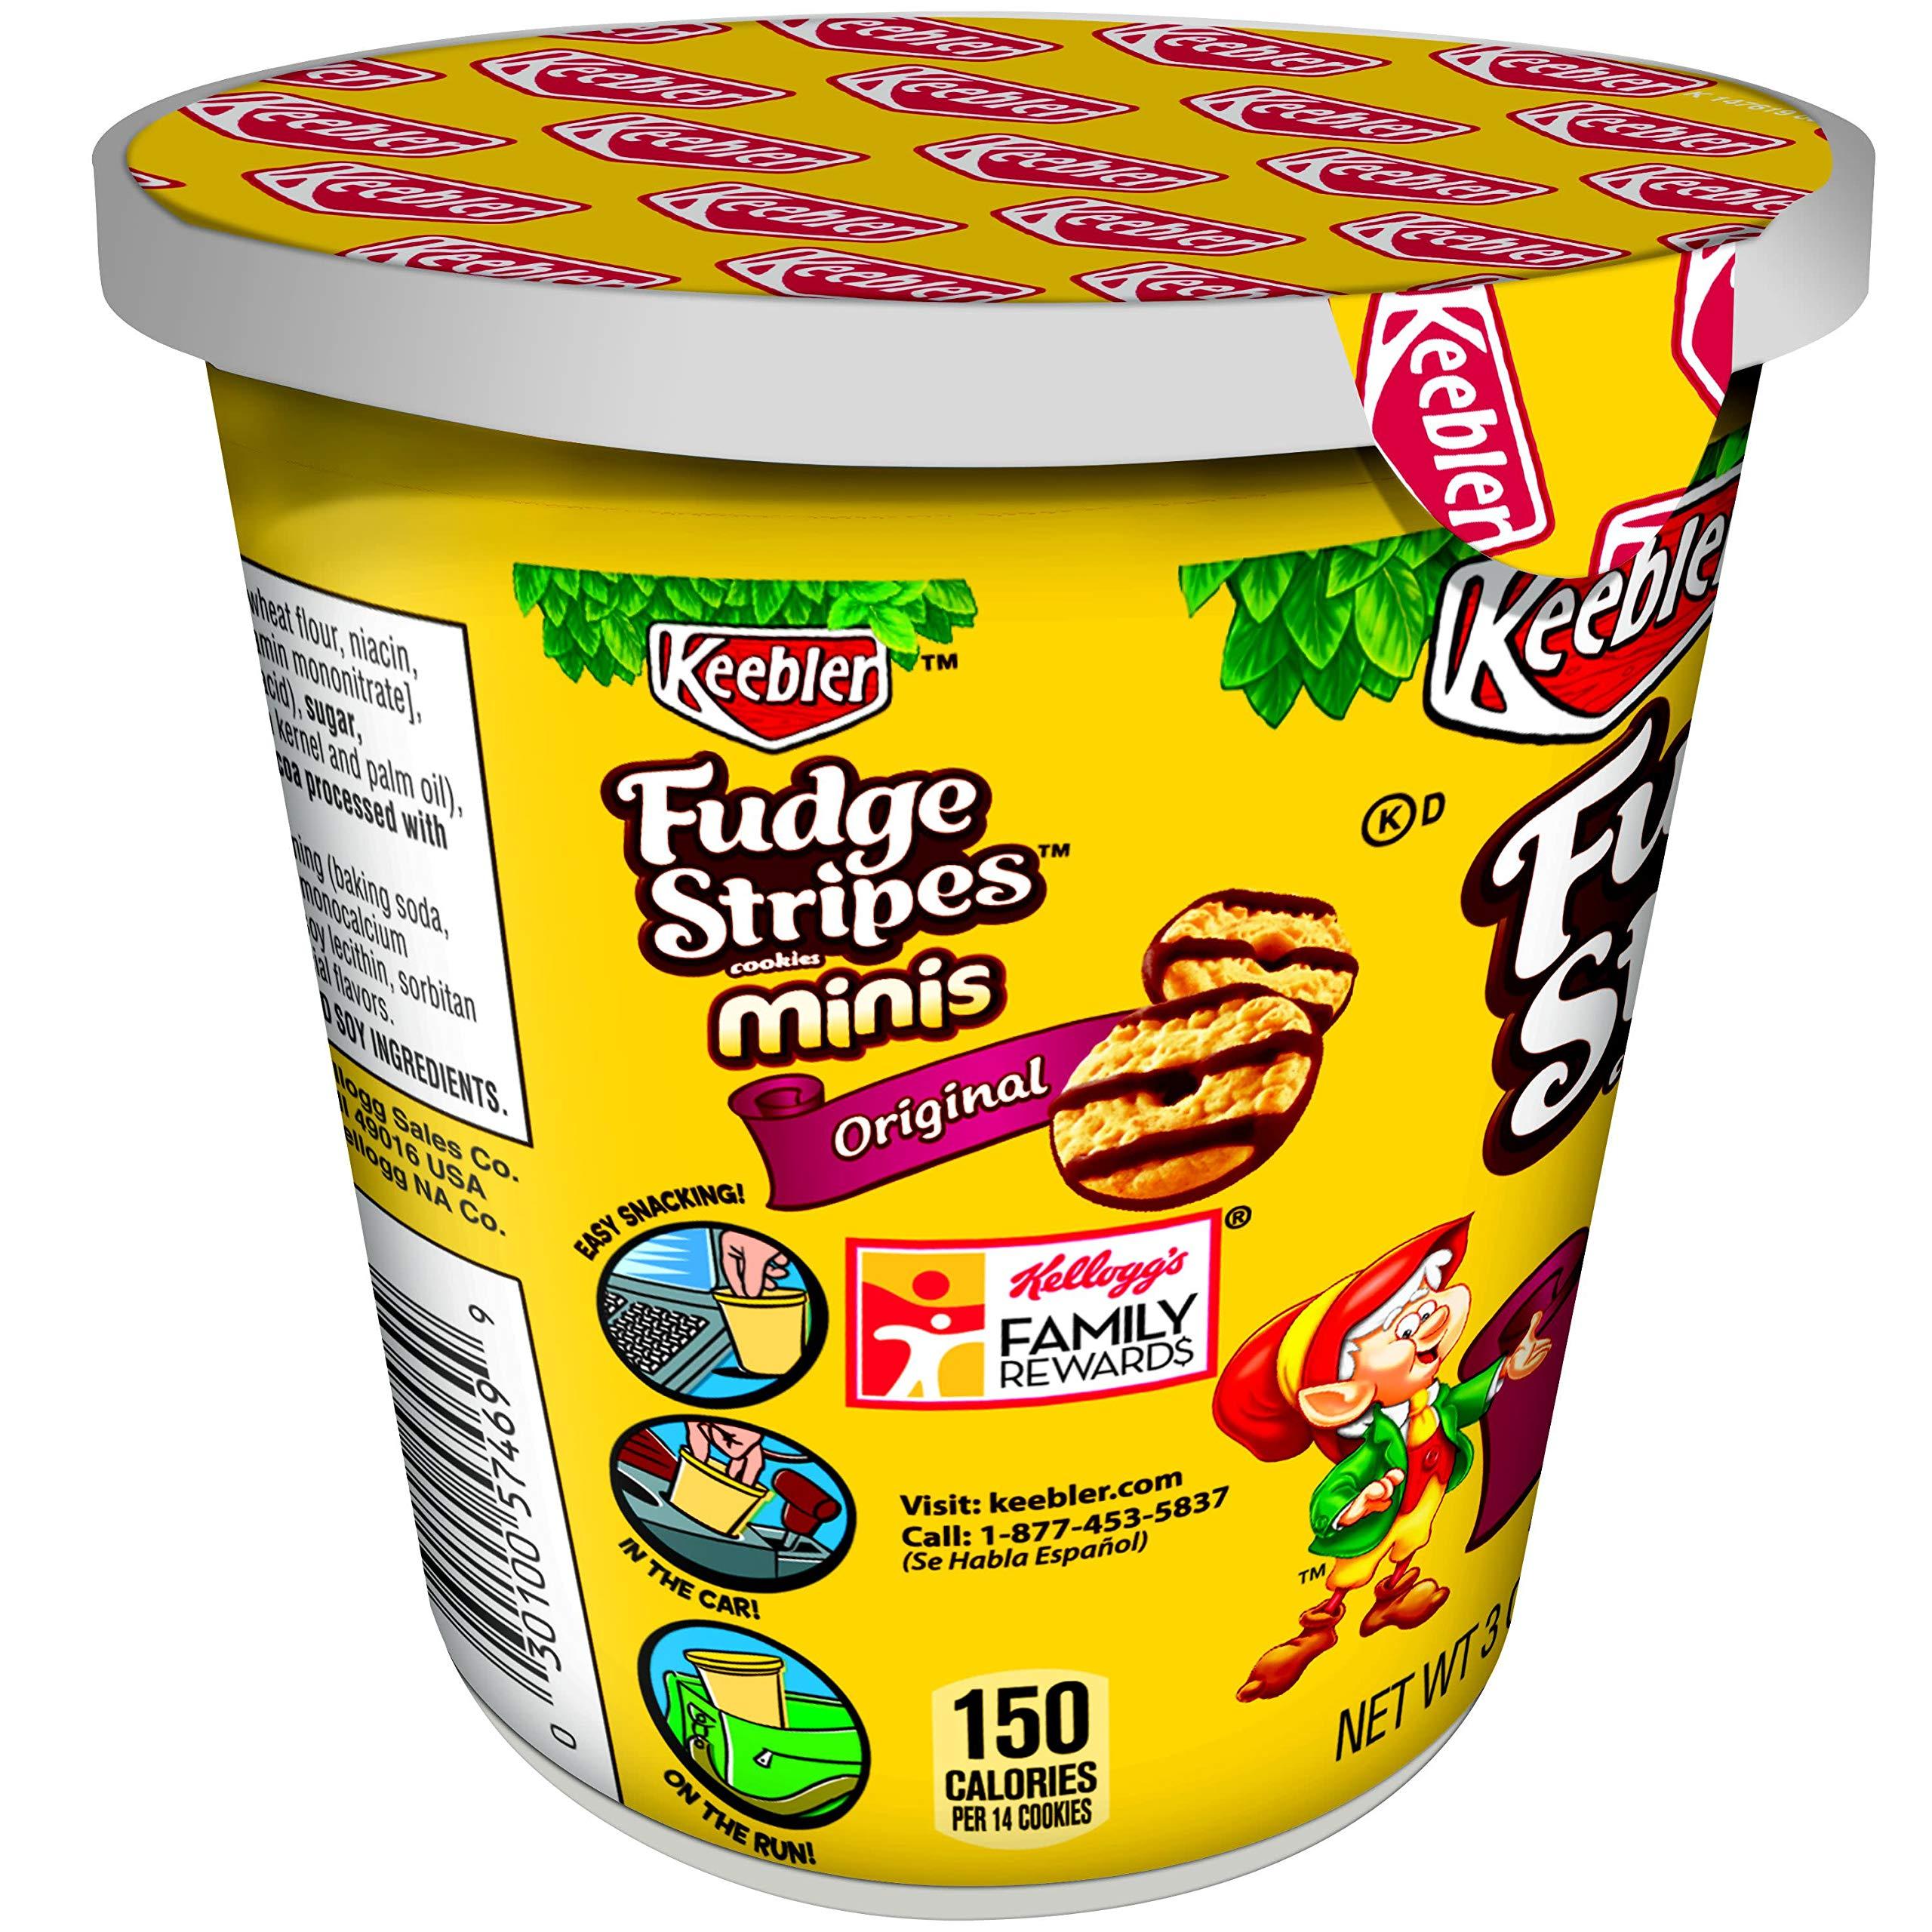 KeeblerFudge Stripes Cookies Minis in a Cup, Original, 3 oz by Keebler (Image #7)